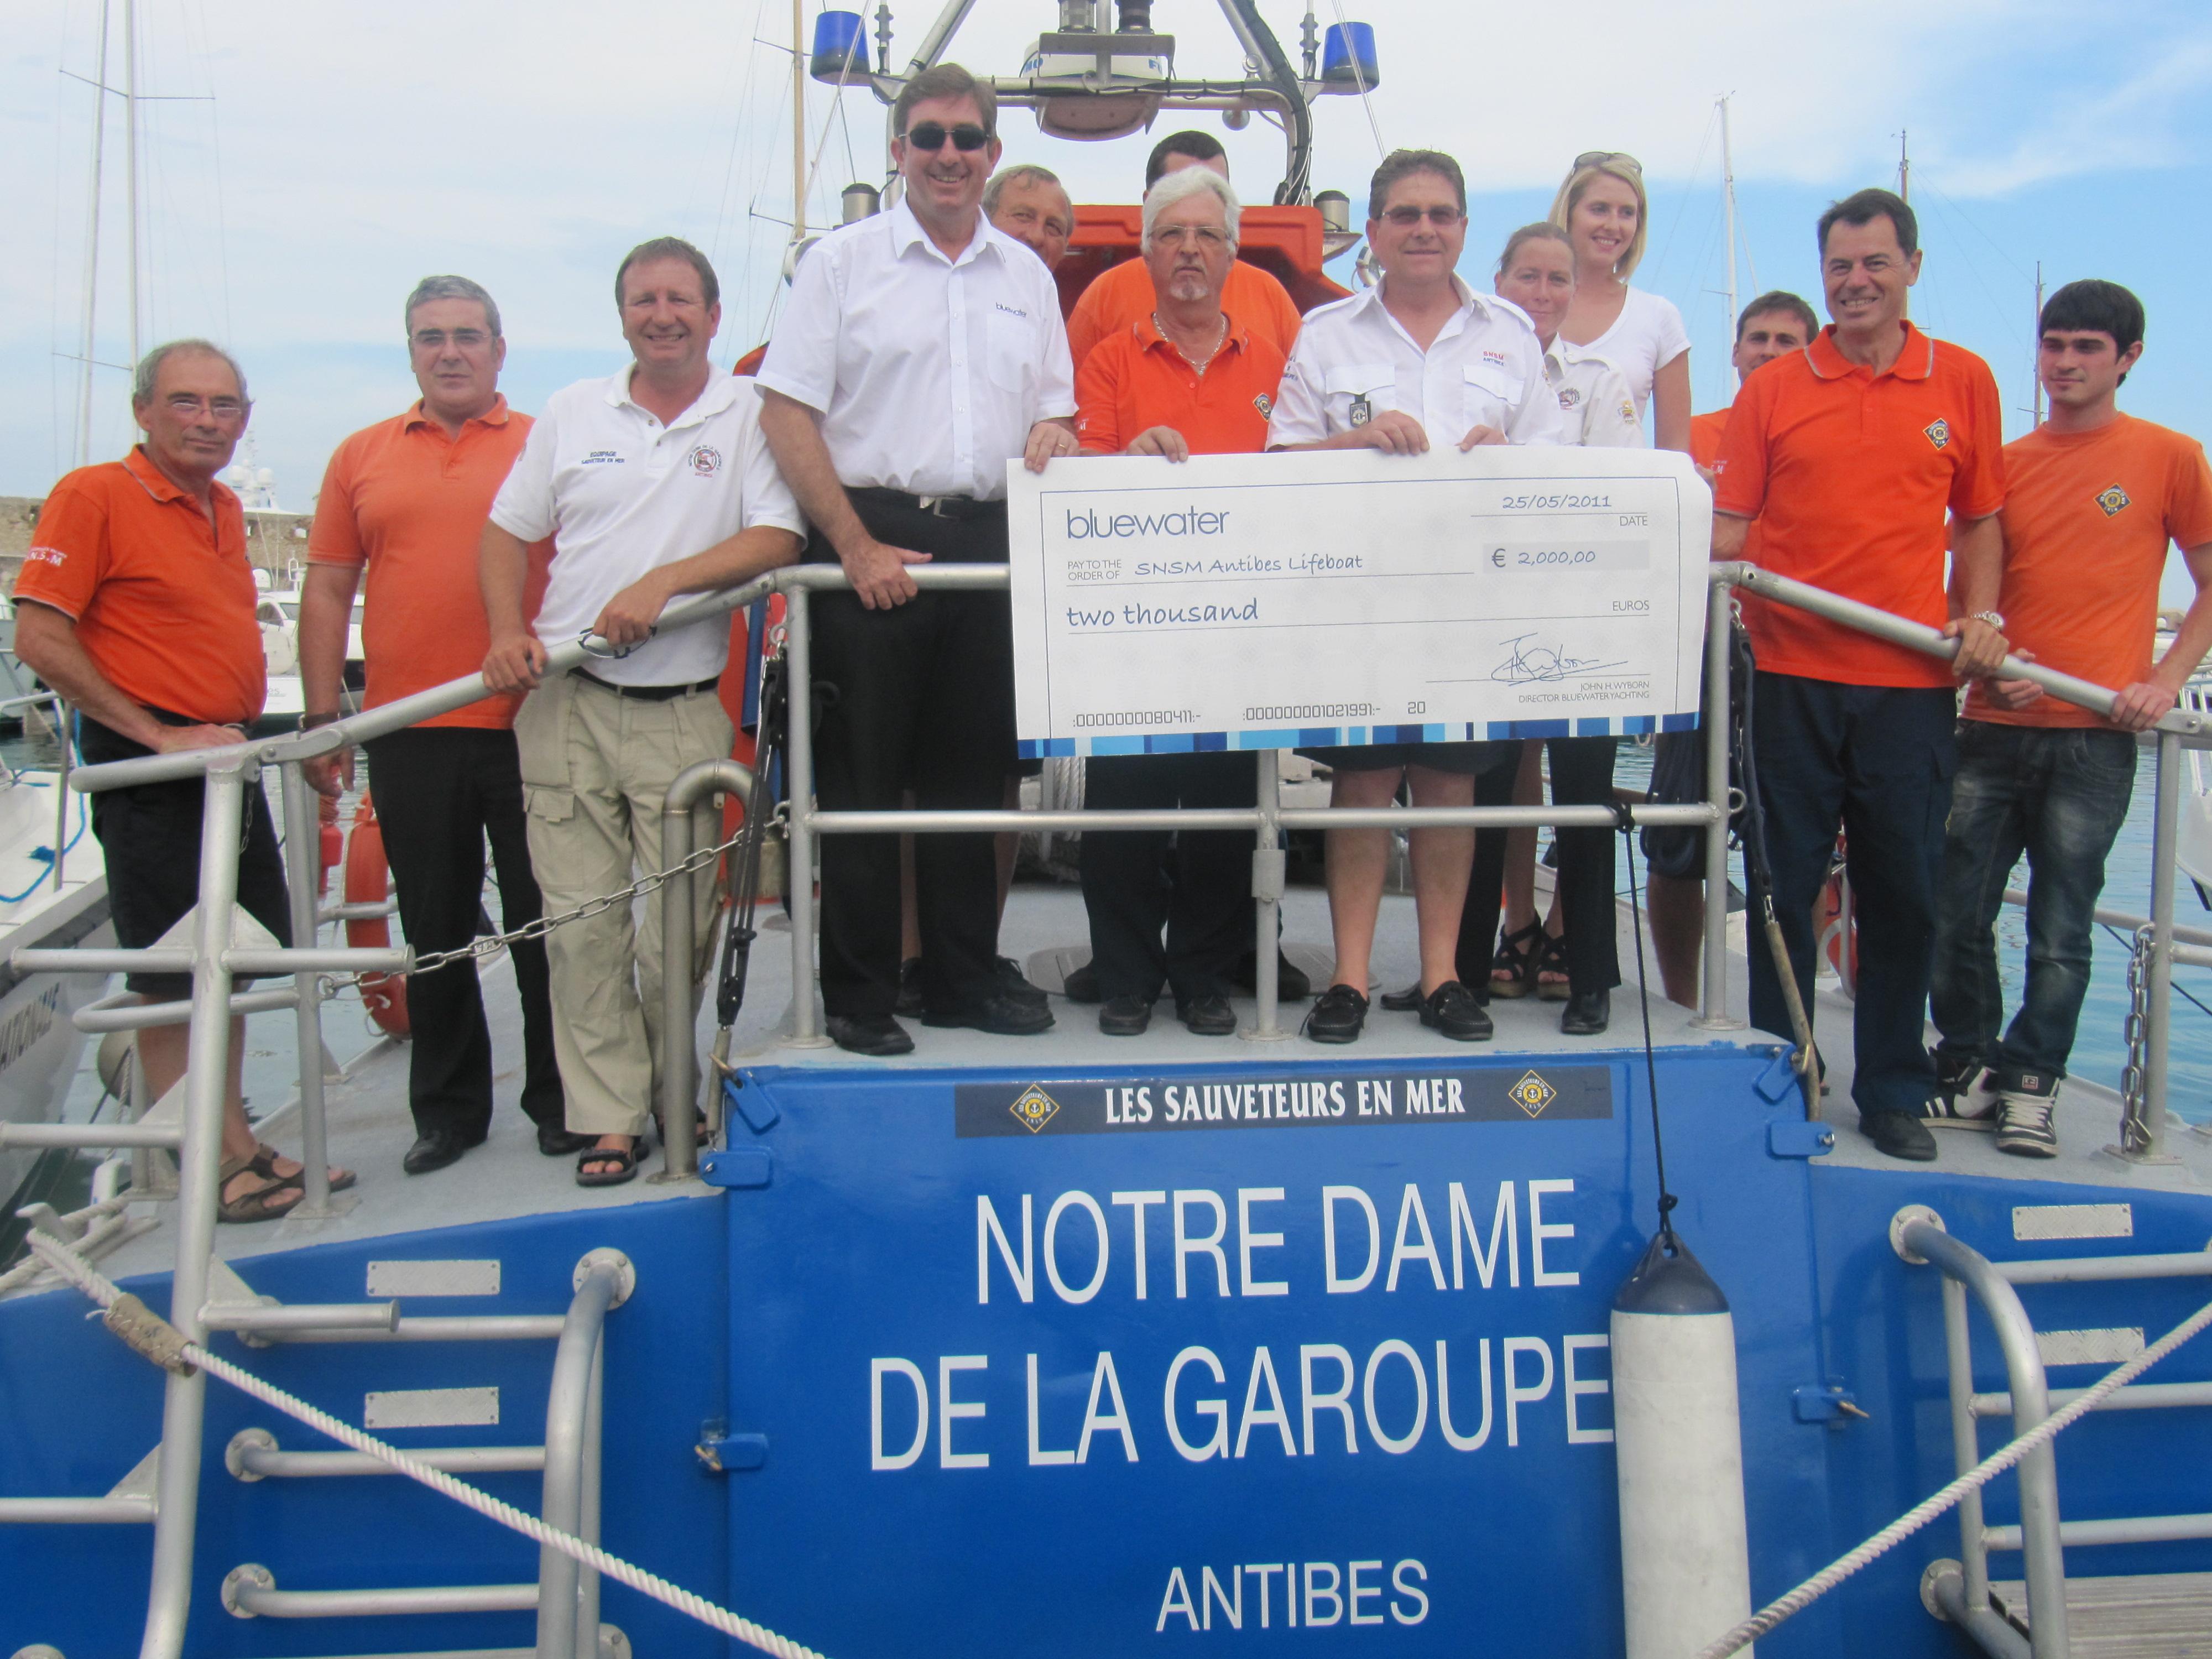 La SNSM D'ANTIBES : John Henry WYBORN et Lizzie IRVING remettent le chèque de 2000 €…